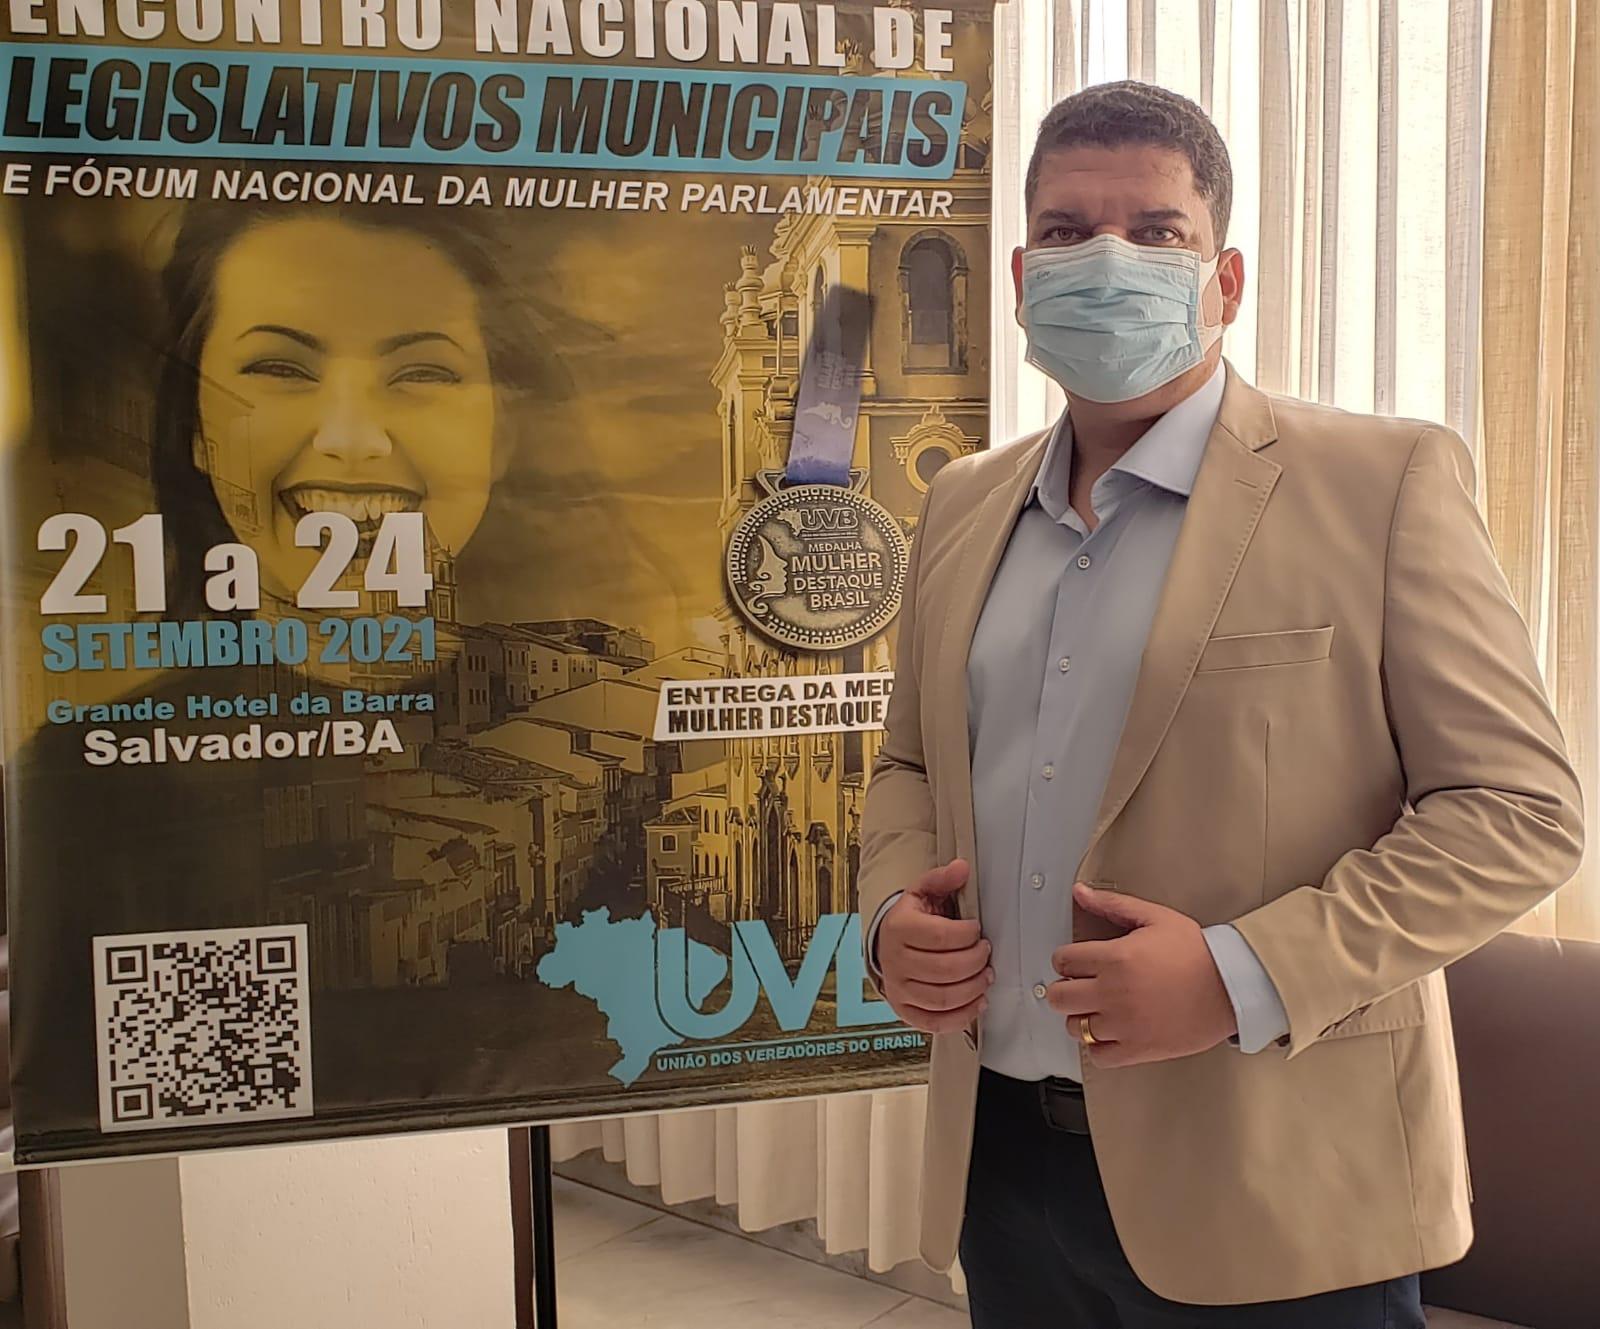 Evento em Salvador reúne vereadores de todo Brasil